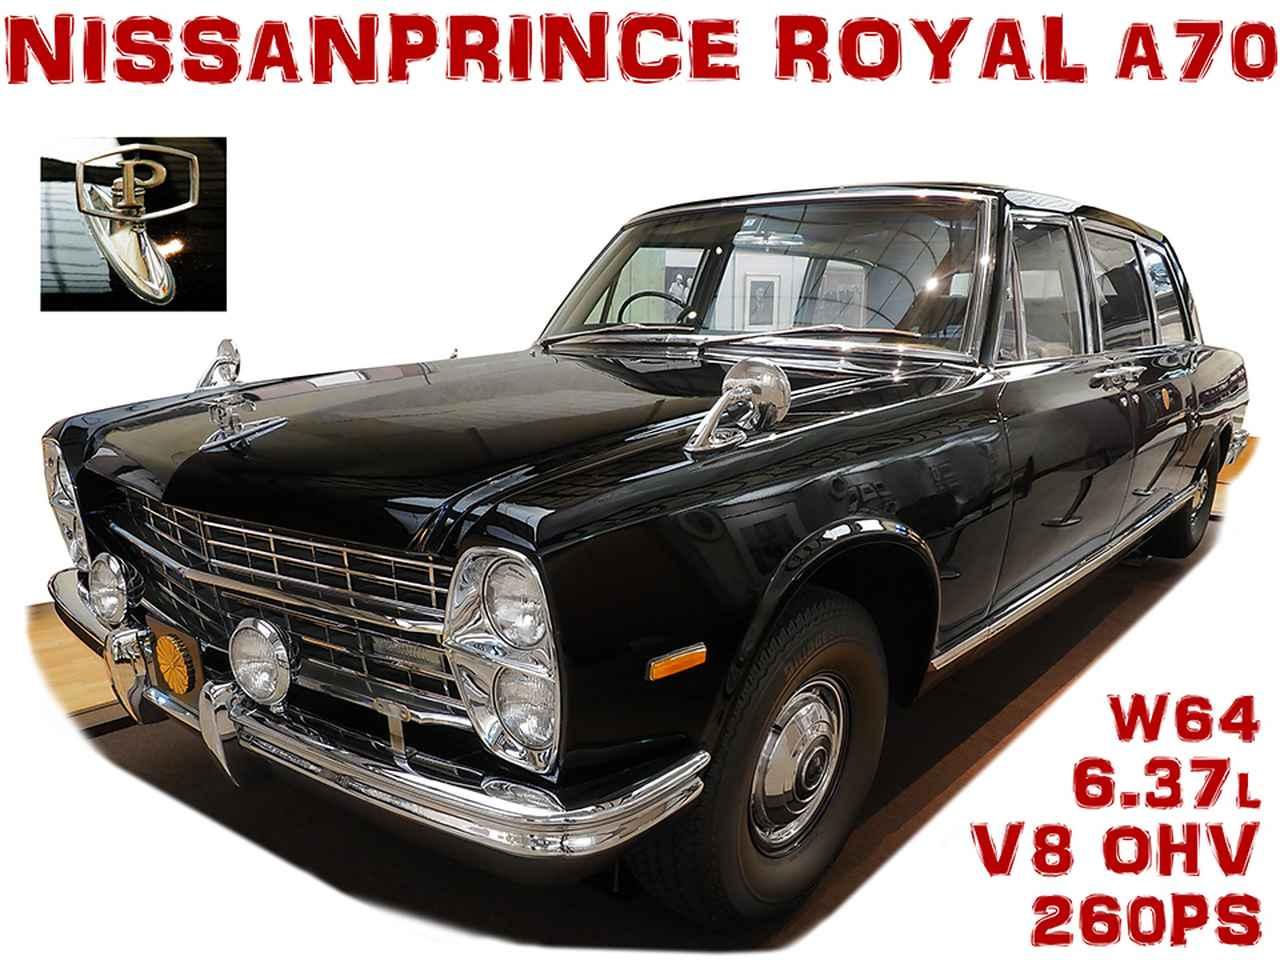 画像: タイトル画像:1967年(昭和42年)、全長6.15×全幅2.1m、車重3.66トンという国産乗用車史上最大の威厳ある姿で登場した、日産 プリンスロイヤル。観音開きのドアとサイドウインドーは、特殊な配置となっている。